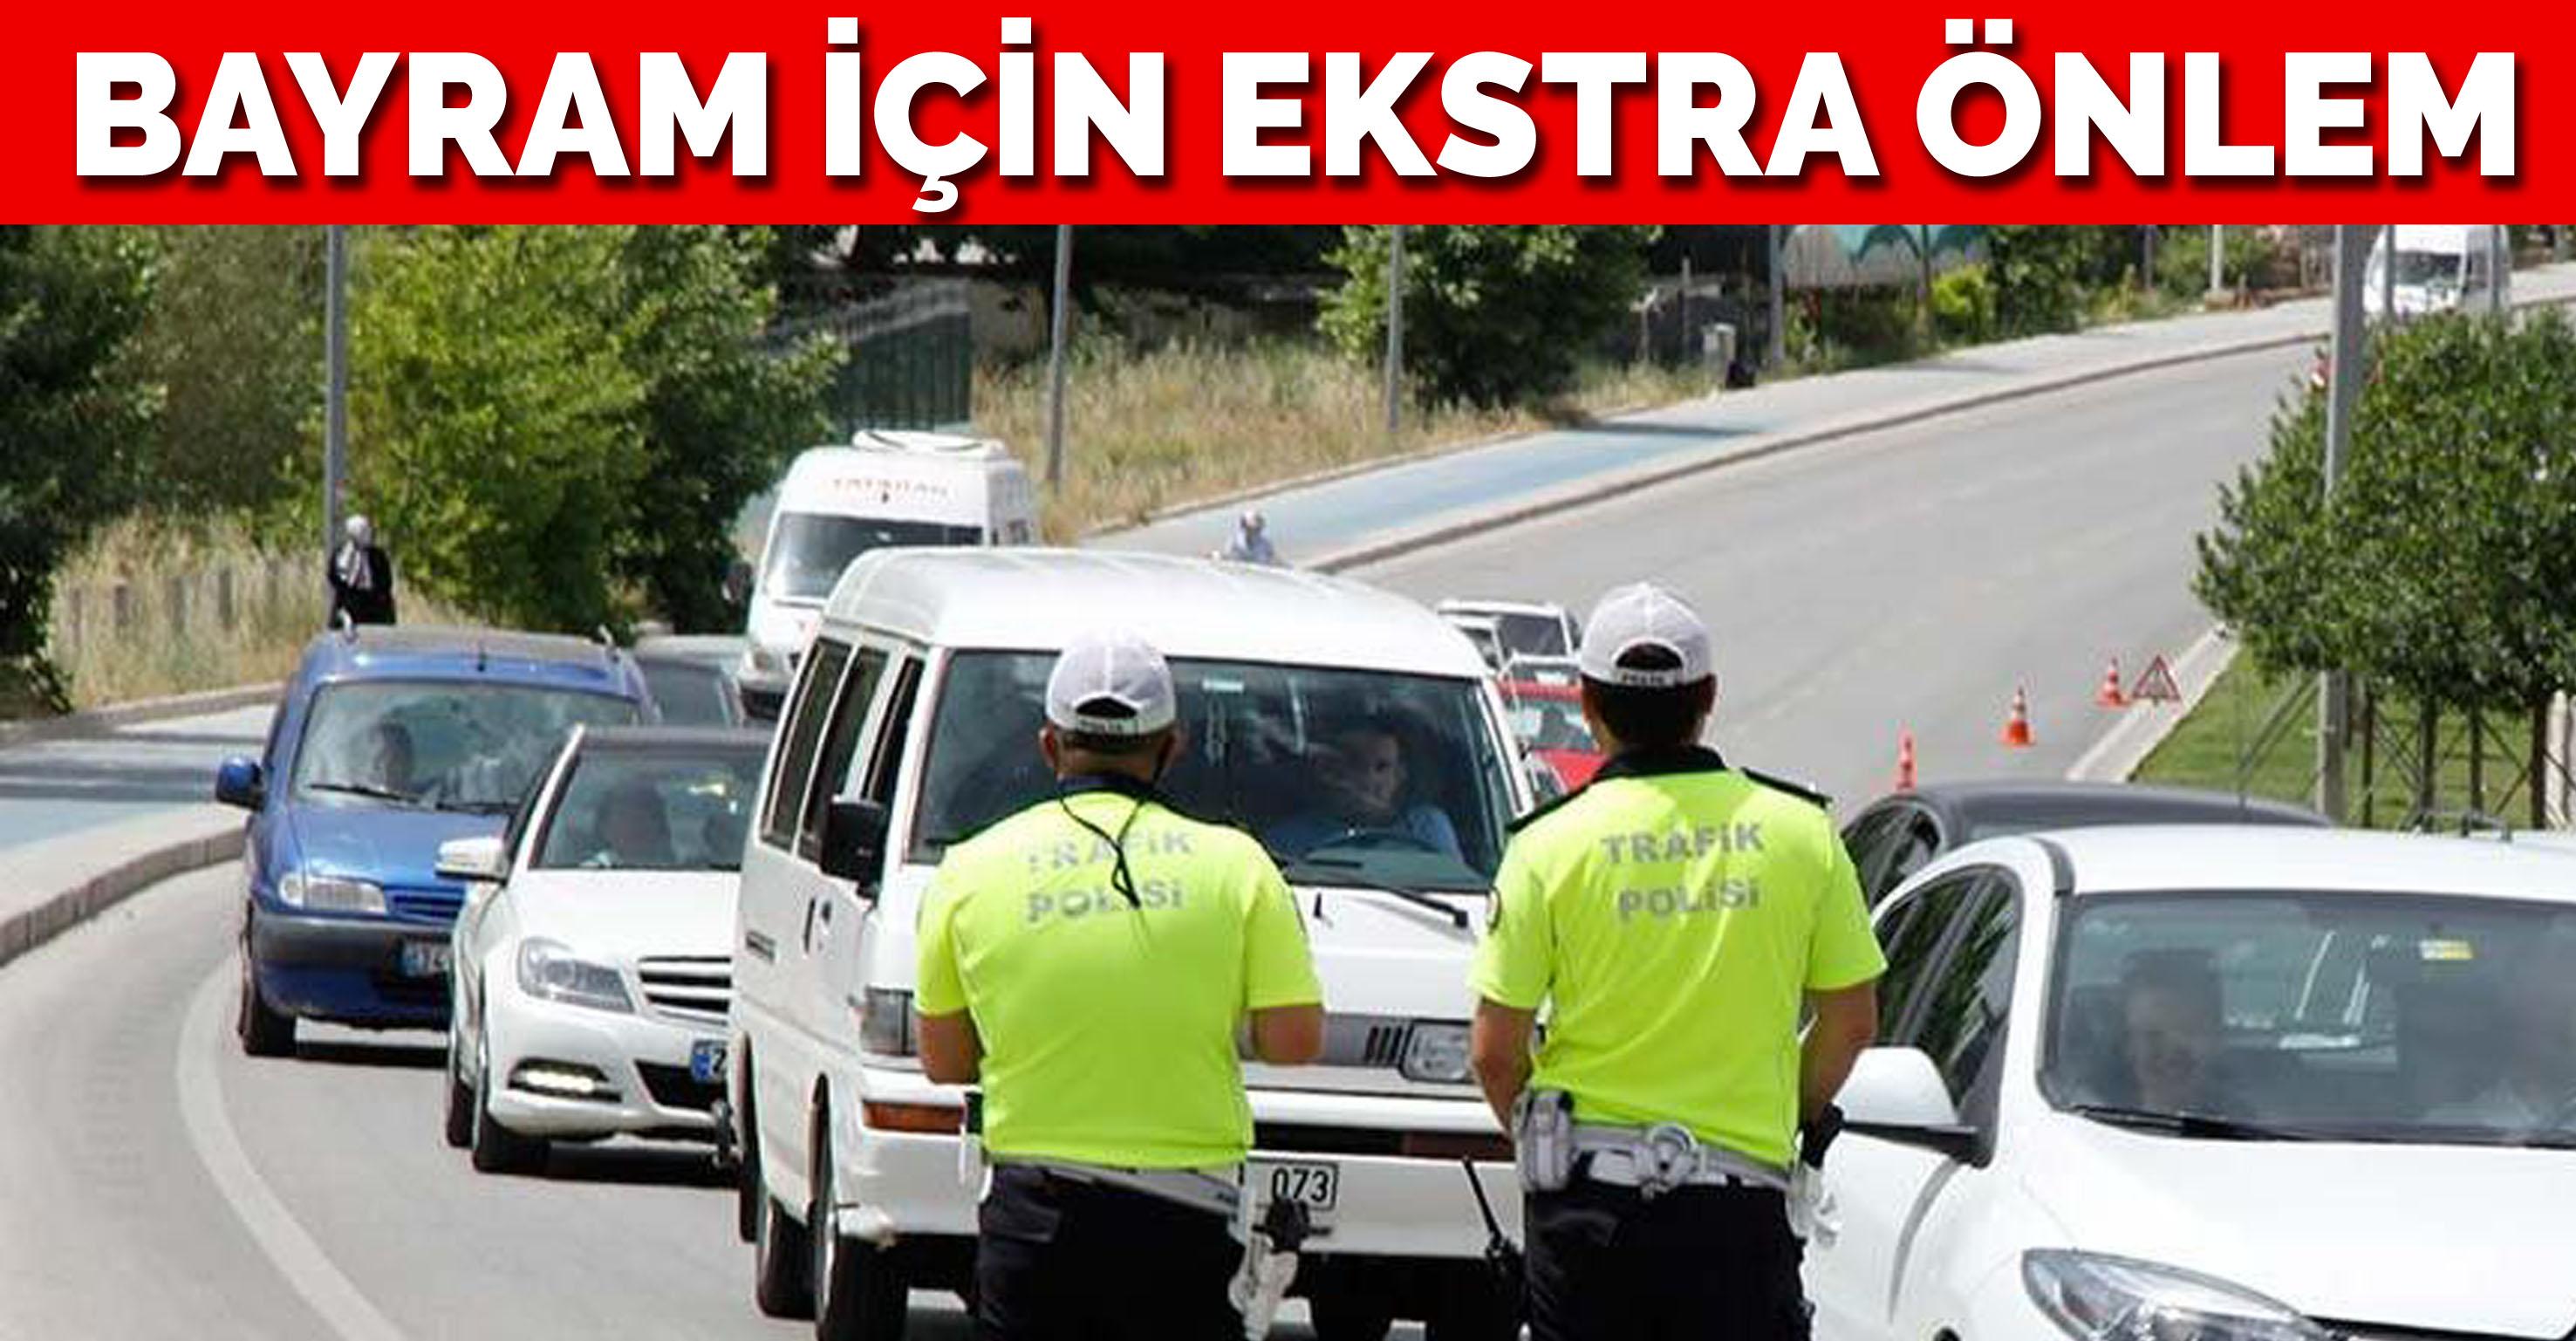 İçişleri: 116 bin 236 trafik personeli bayrama hazır